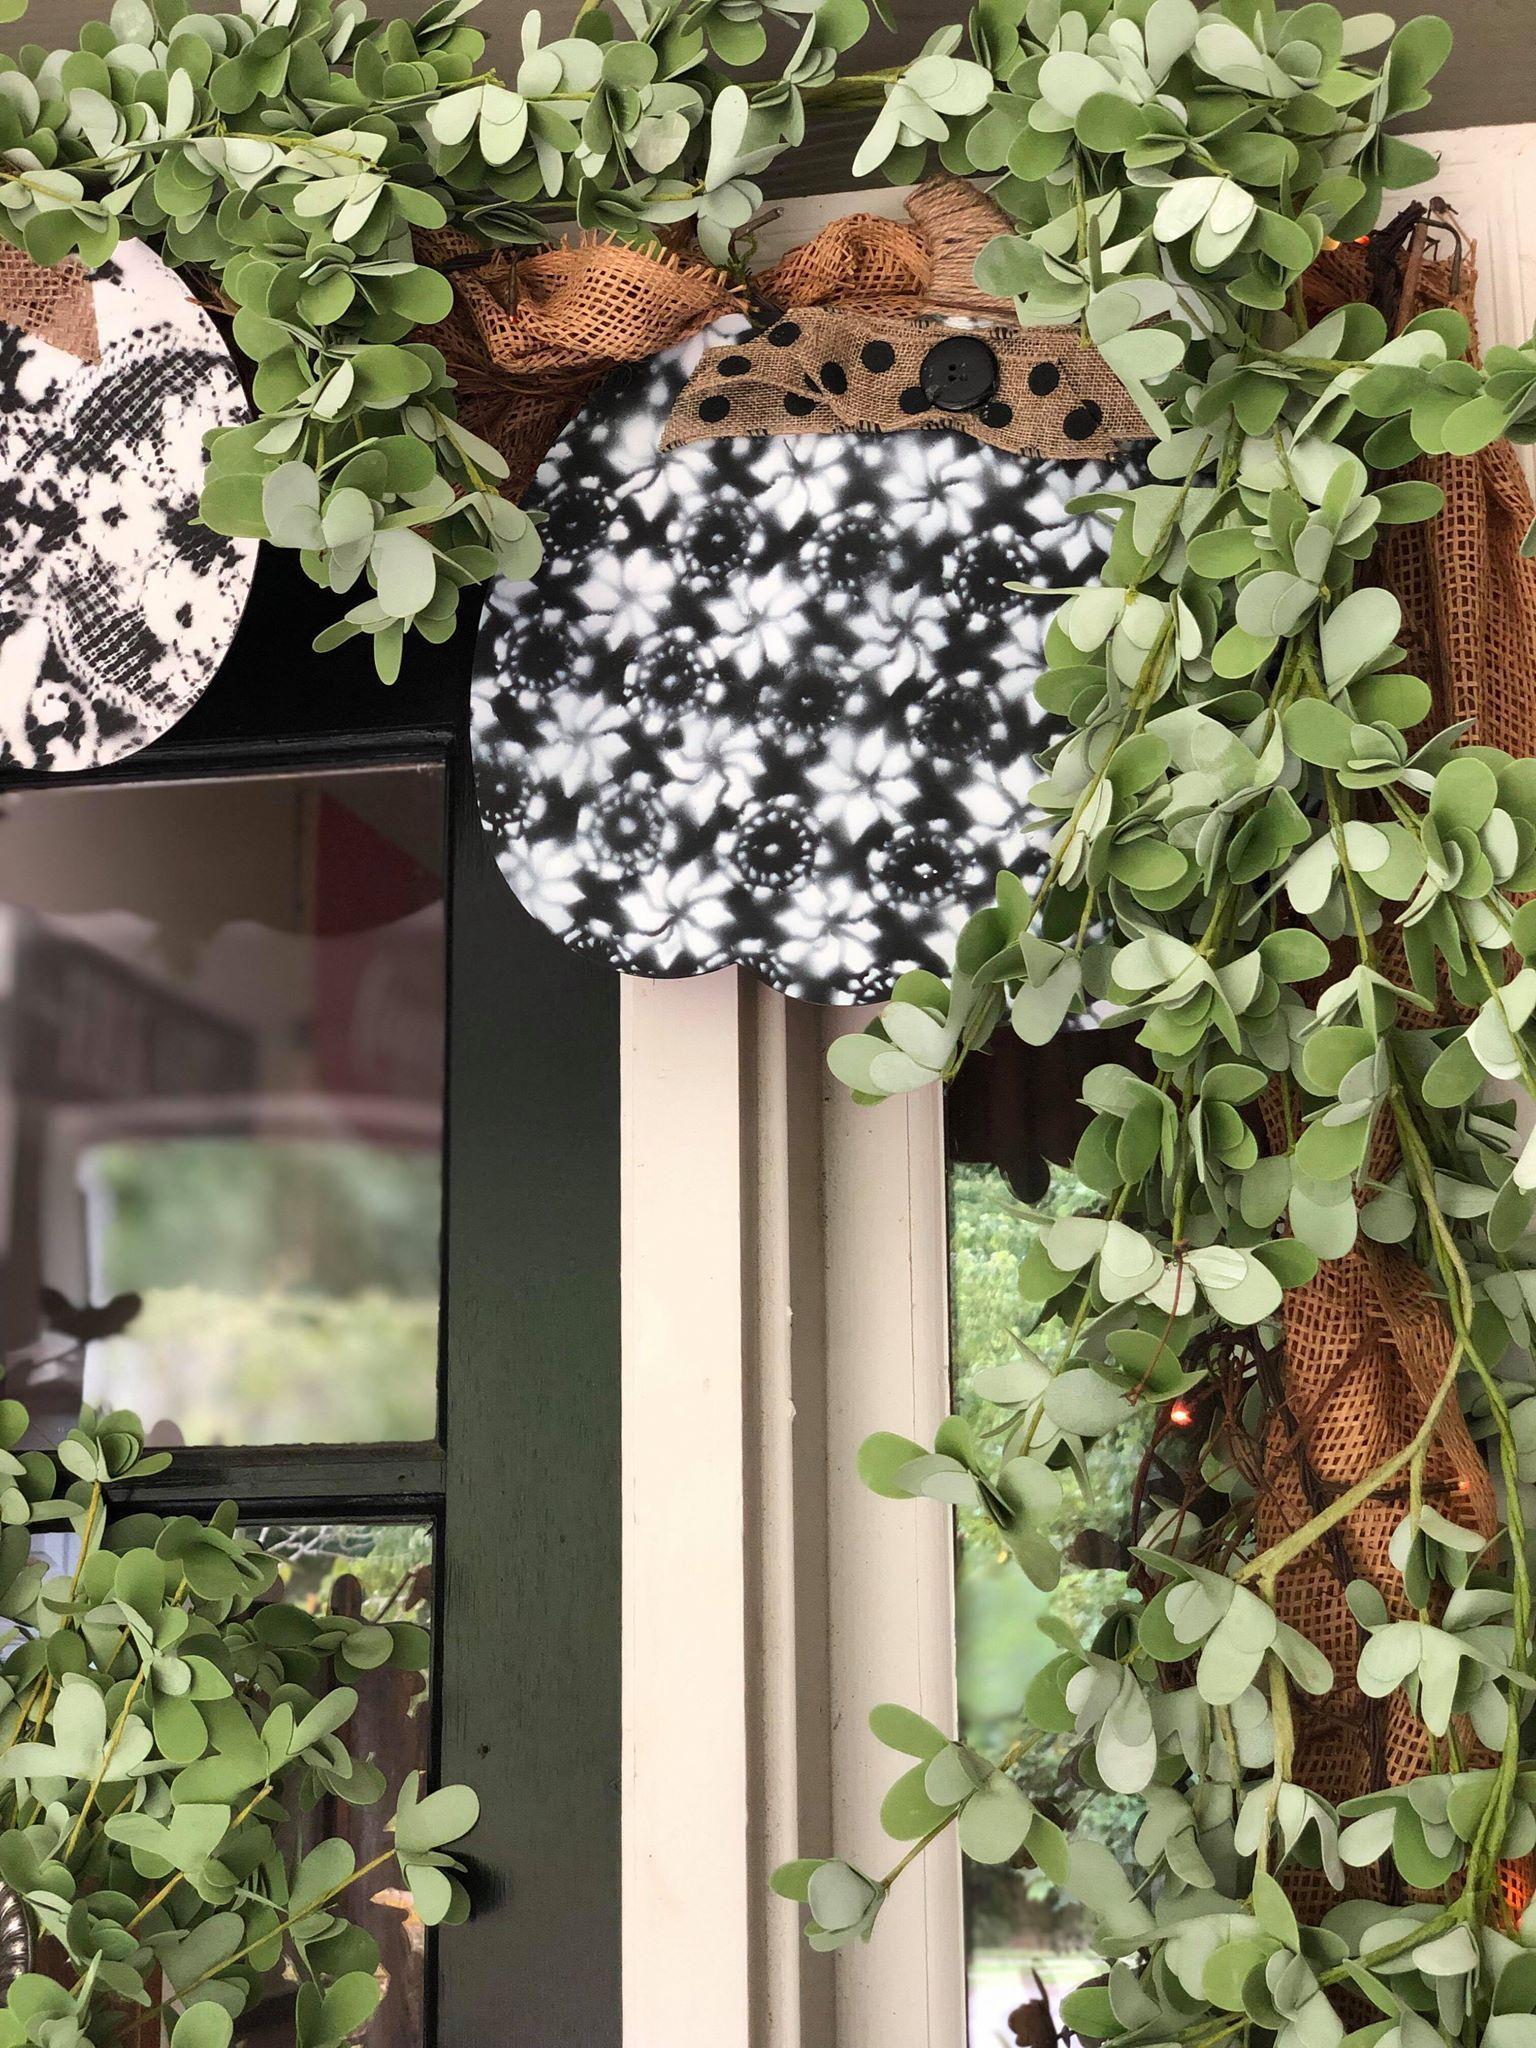 Front Porch Decor Ideas - The Shabby Tree